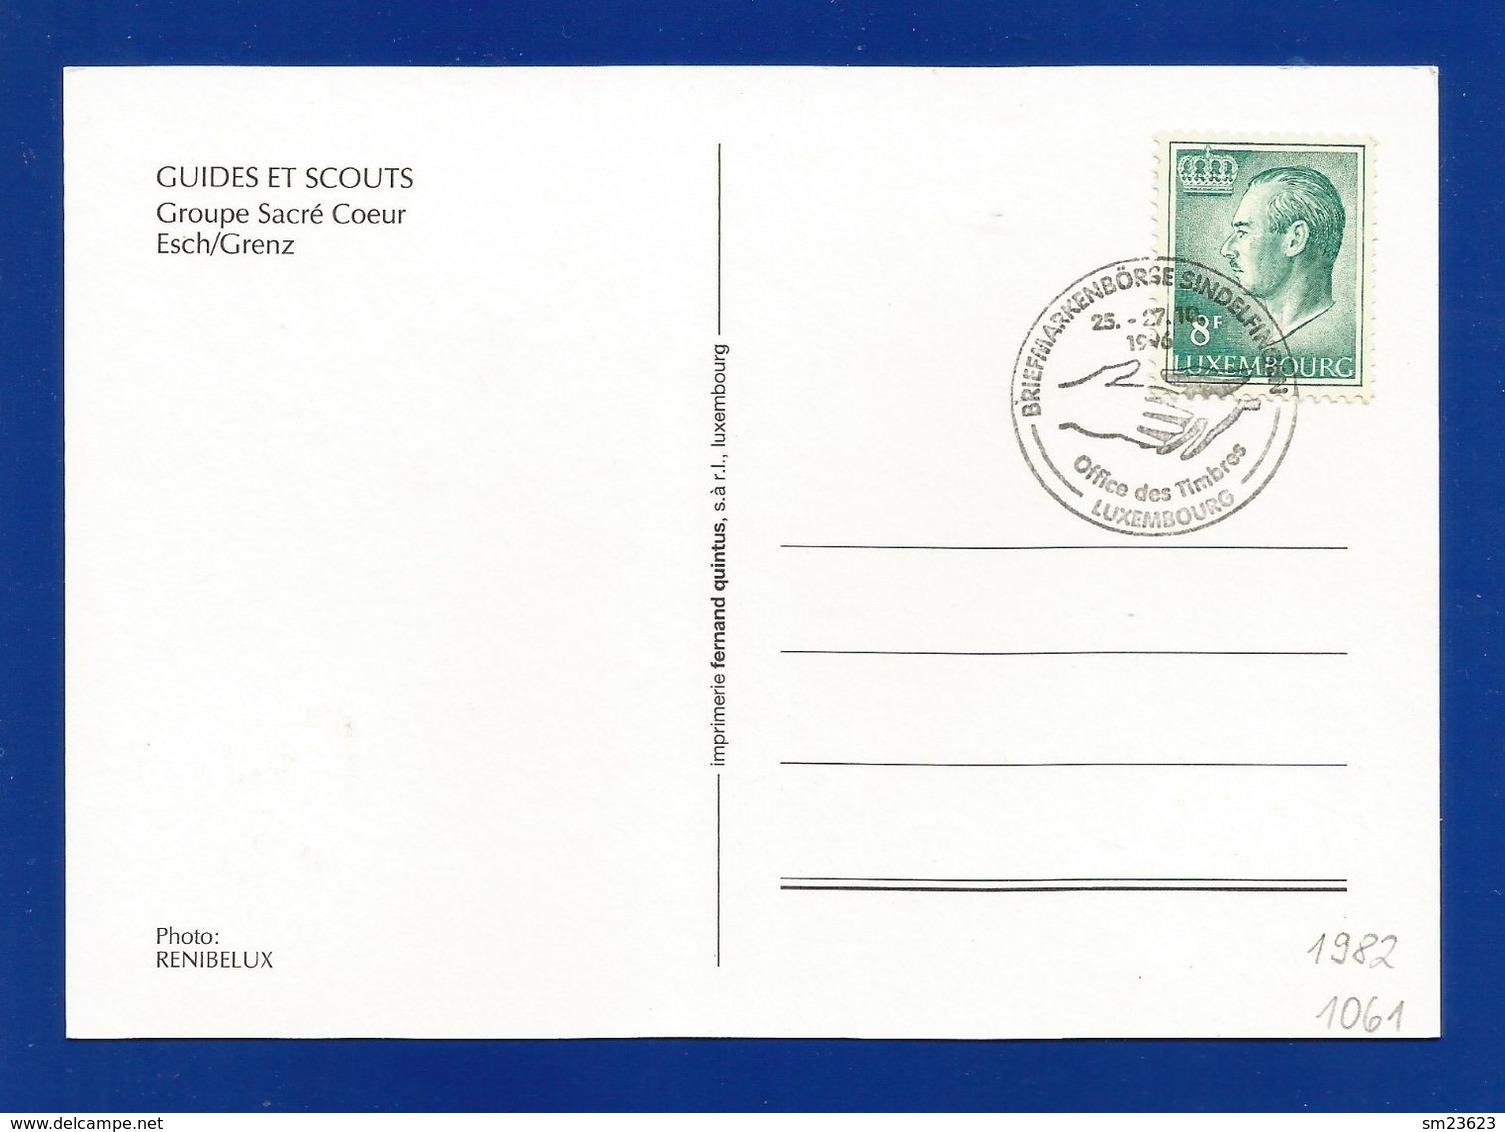 Luxemburg 1982  Mi.Nr. 1061 , Guides Et Scouts - Groupe Sacre Coeur Esch/Grenz - Maximum Card - S Stempel 25.-27.10.1996 - Maximum Cards